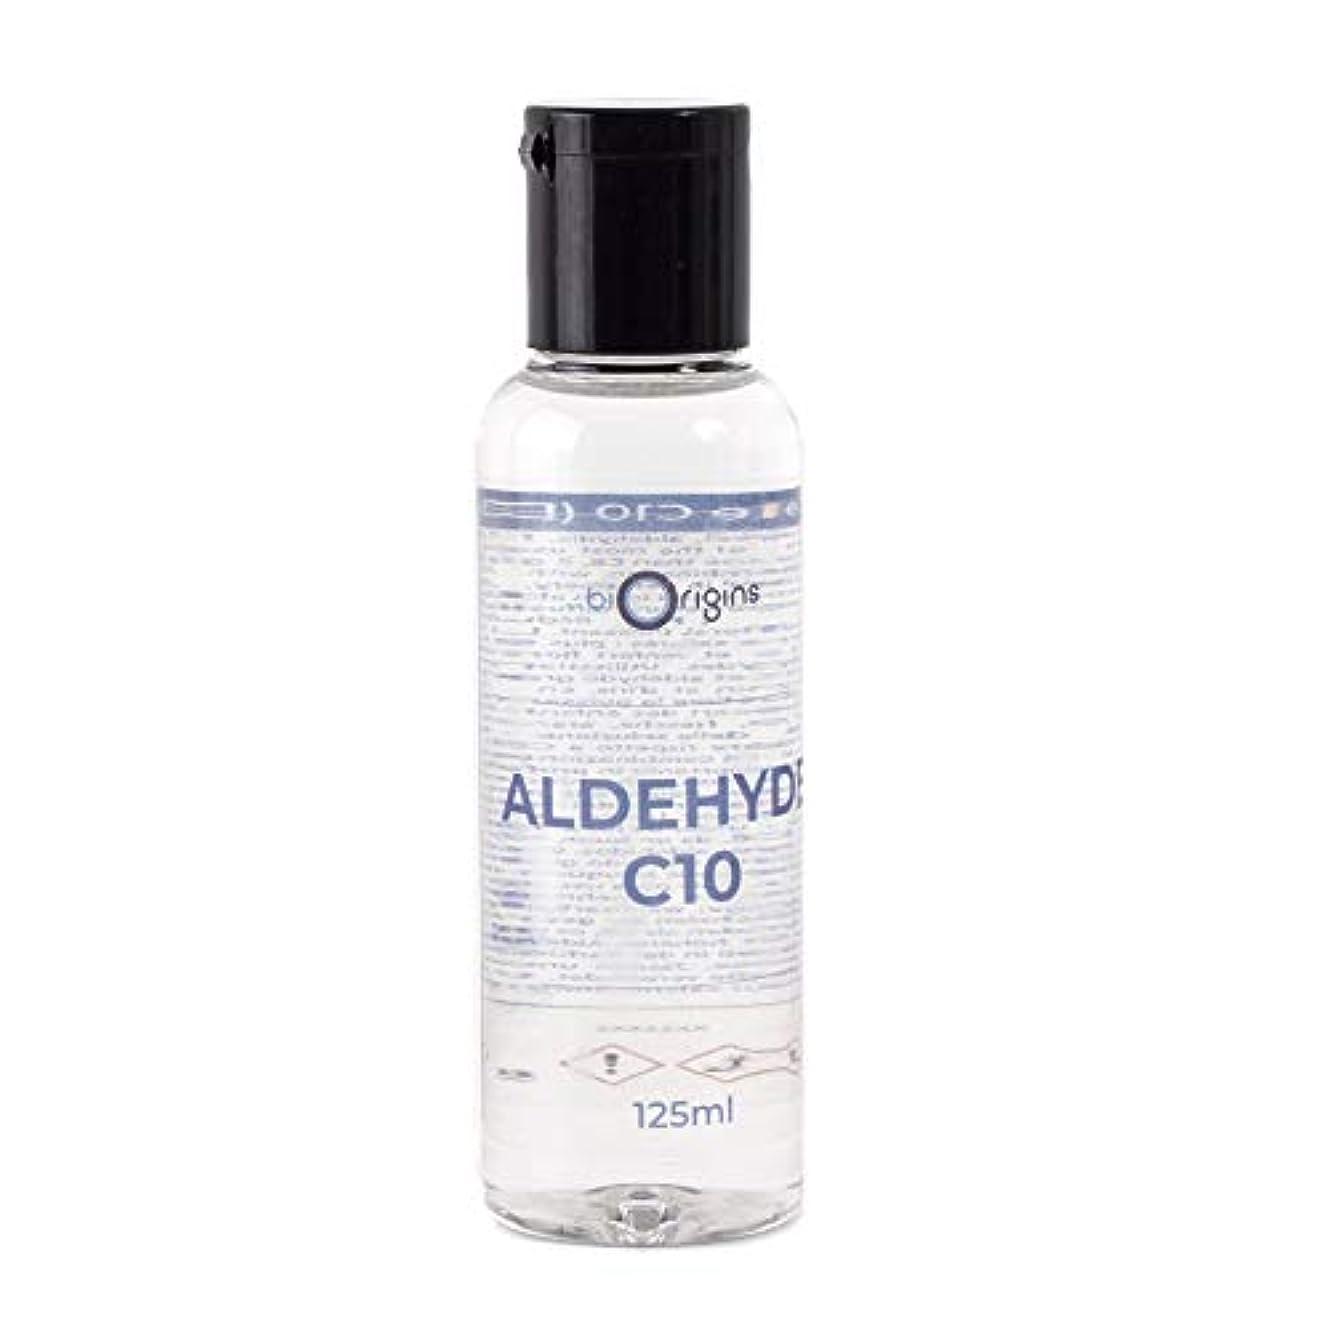 相対サイズゴール故障中Mystic Moments   Aldehyde C10 (Decanal) - 125ml